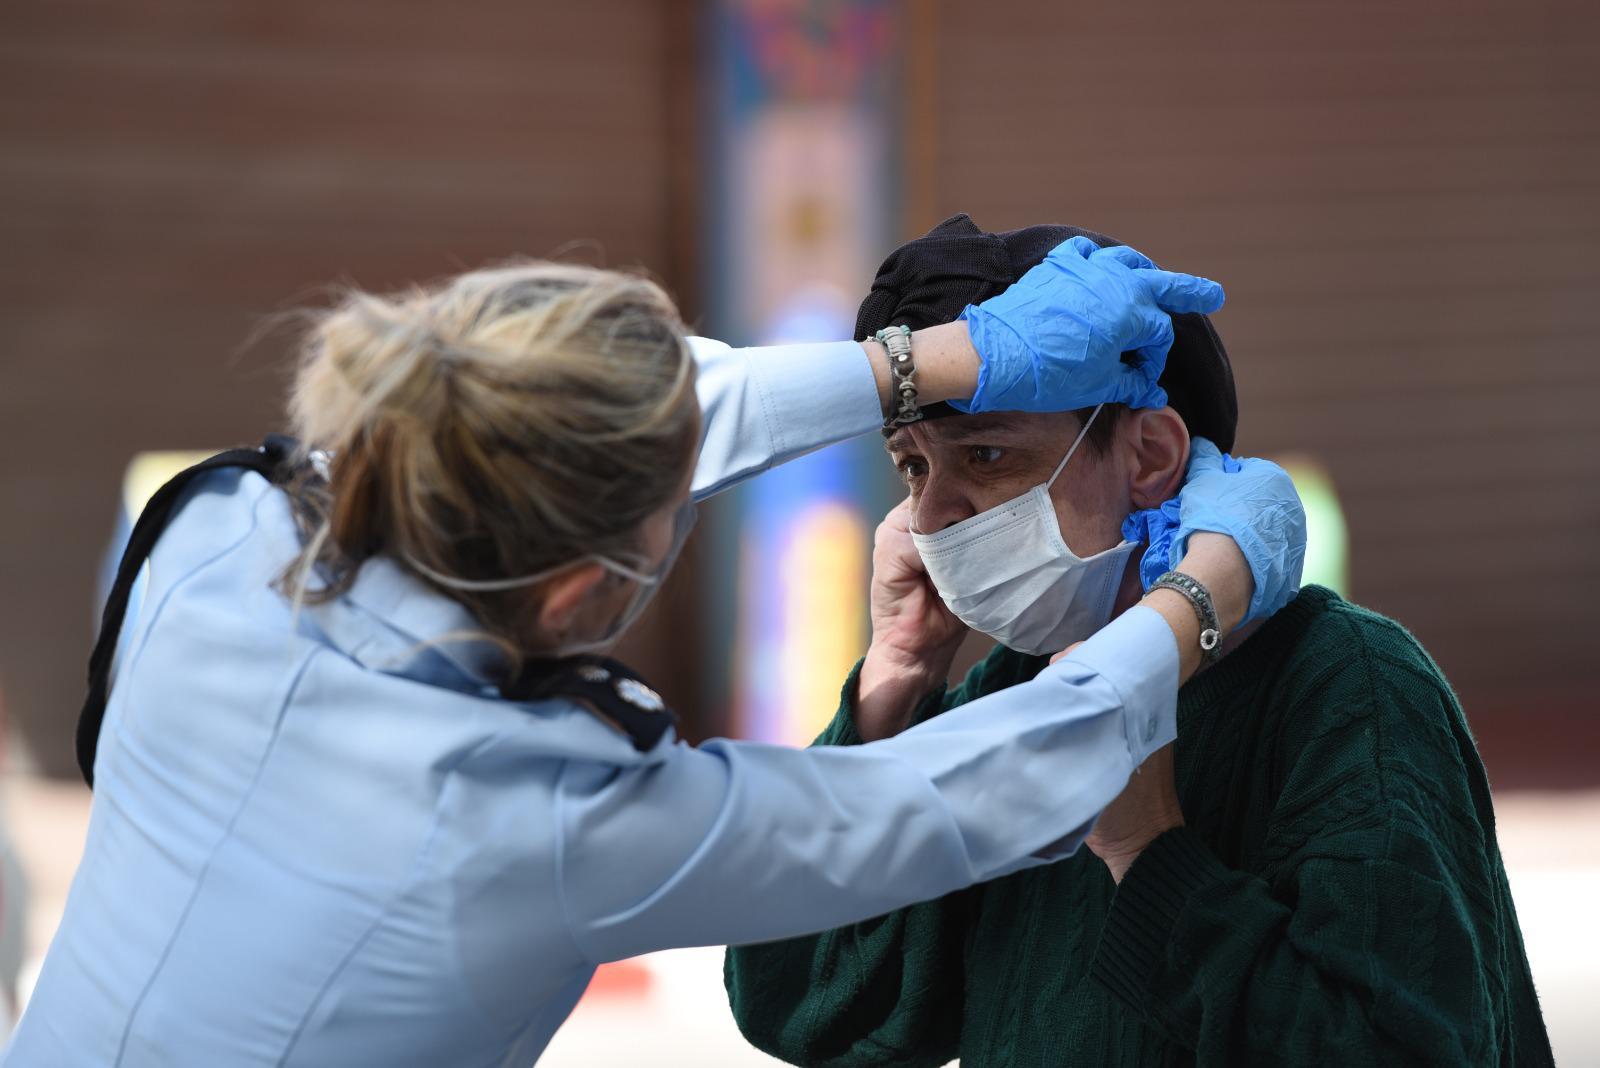 كورونا عالمياً: الوفيات تقترب من 3 مليون والإصابات تتجاوز 114